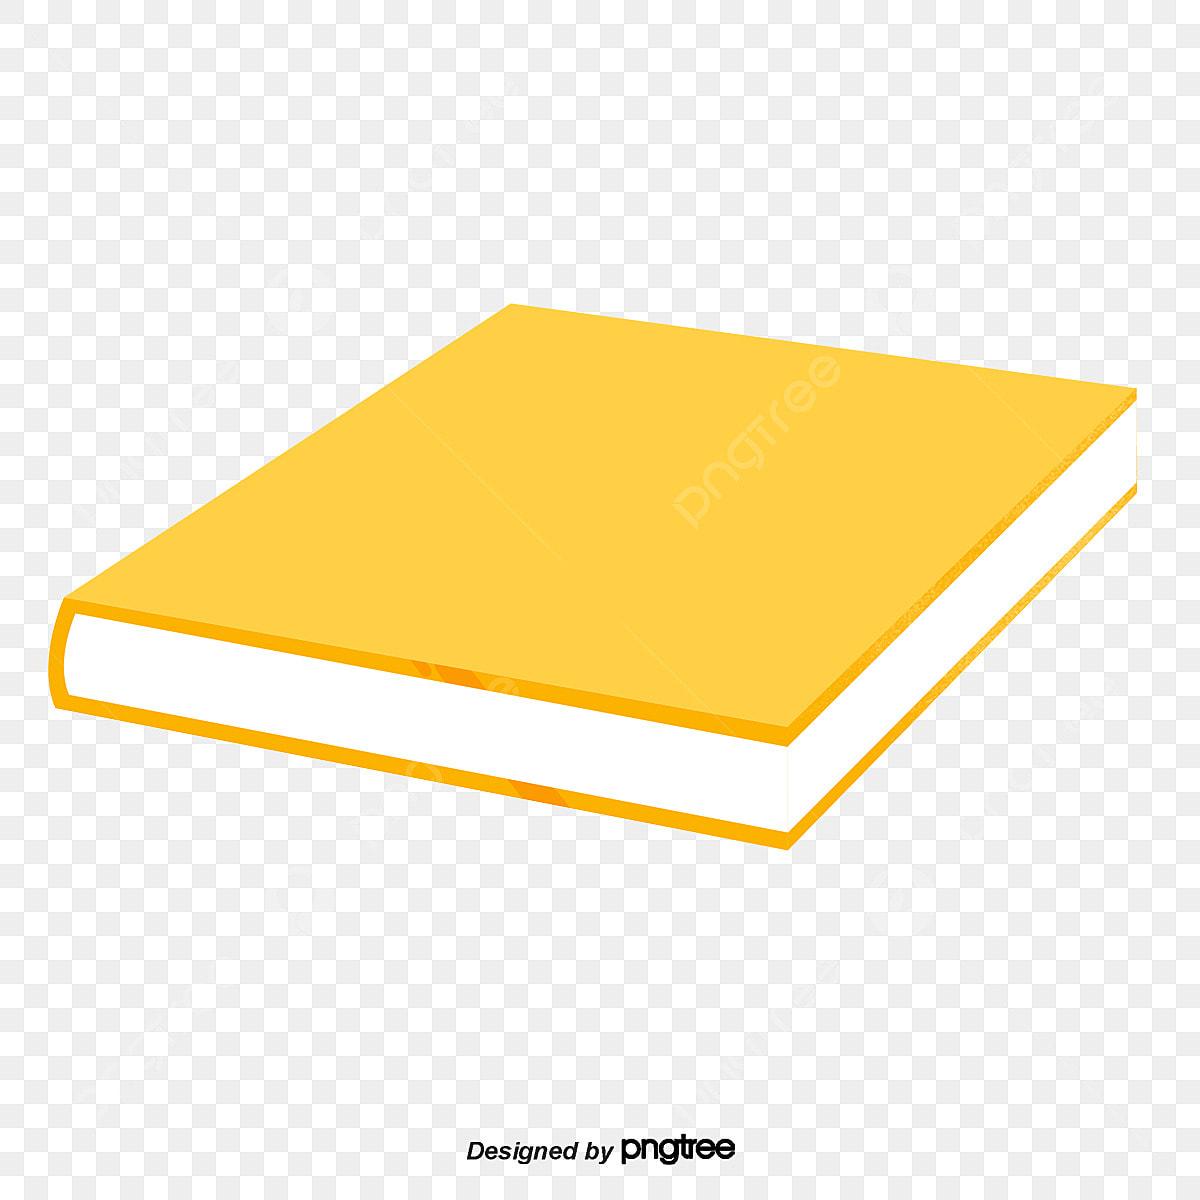 Un Livre Jaune Livre Bibliotheque Apprendre Fichier Png